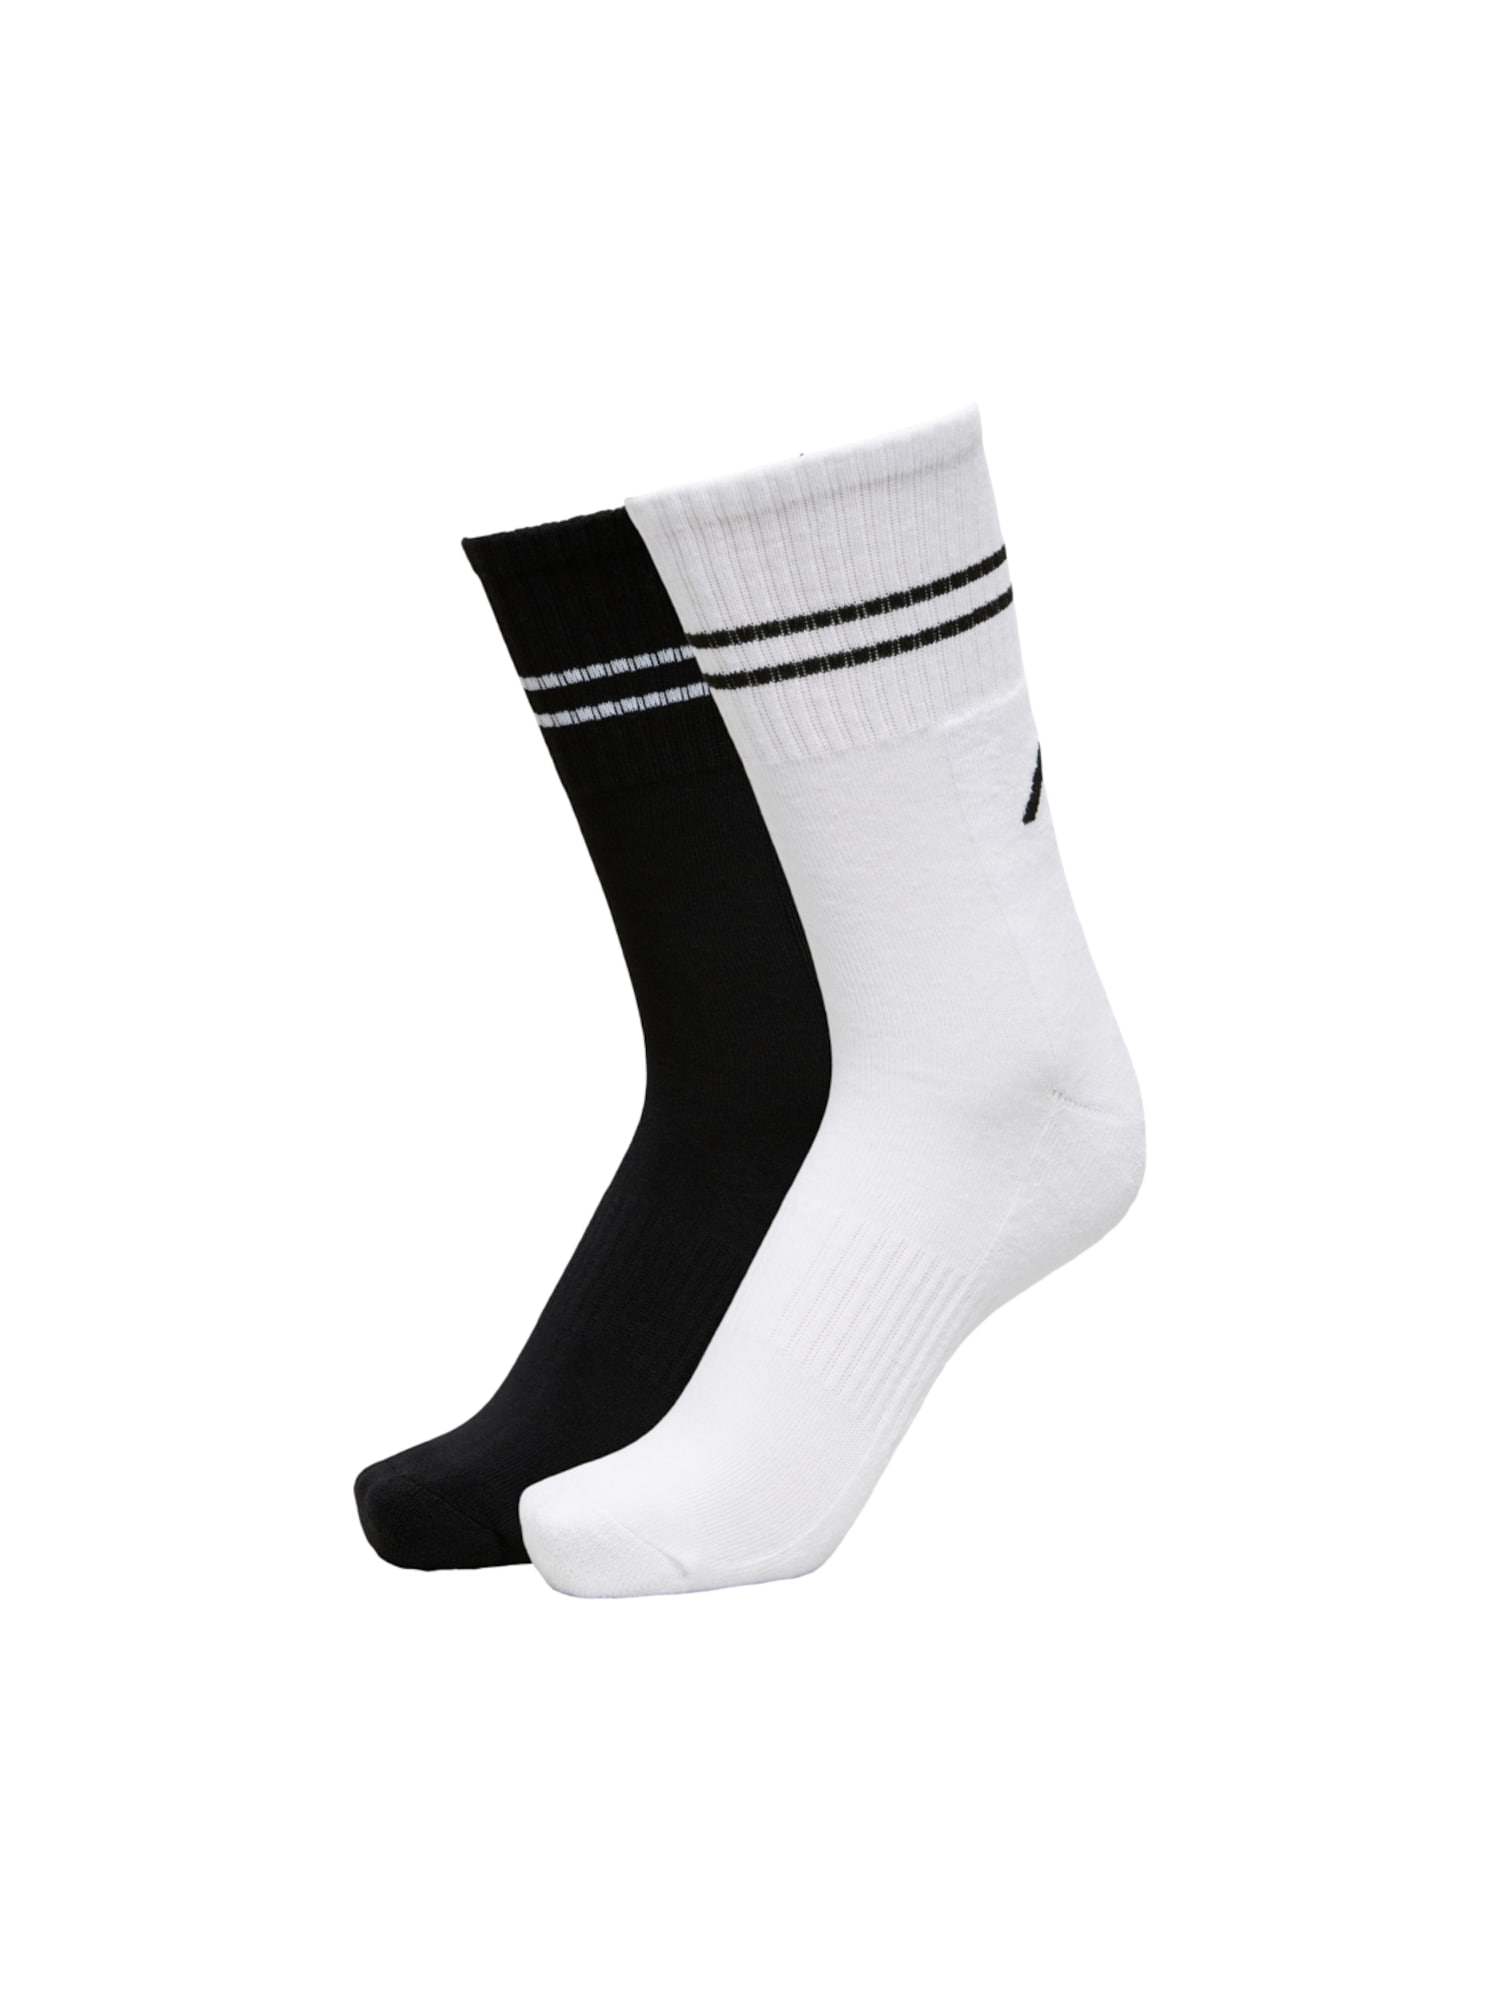 SELECTED HOMME Sportinės kojinės juoda / balta